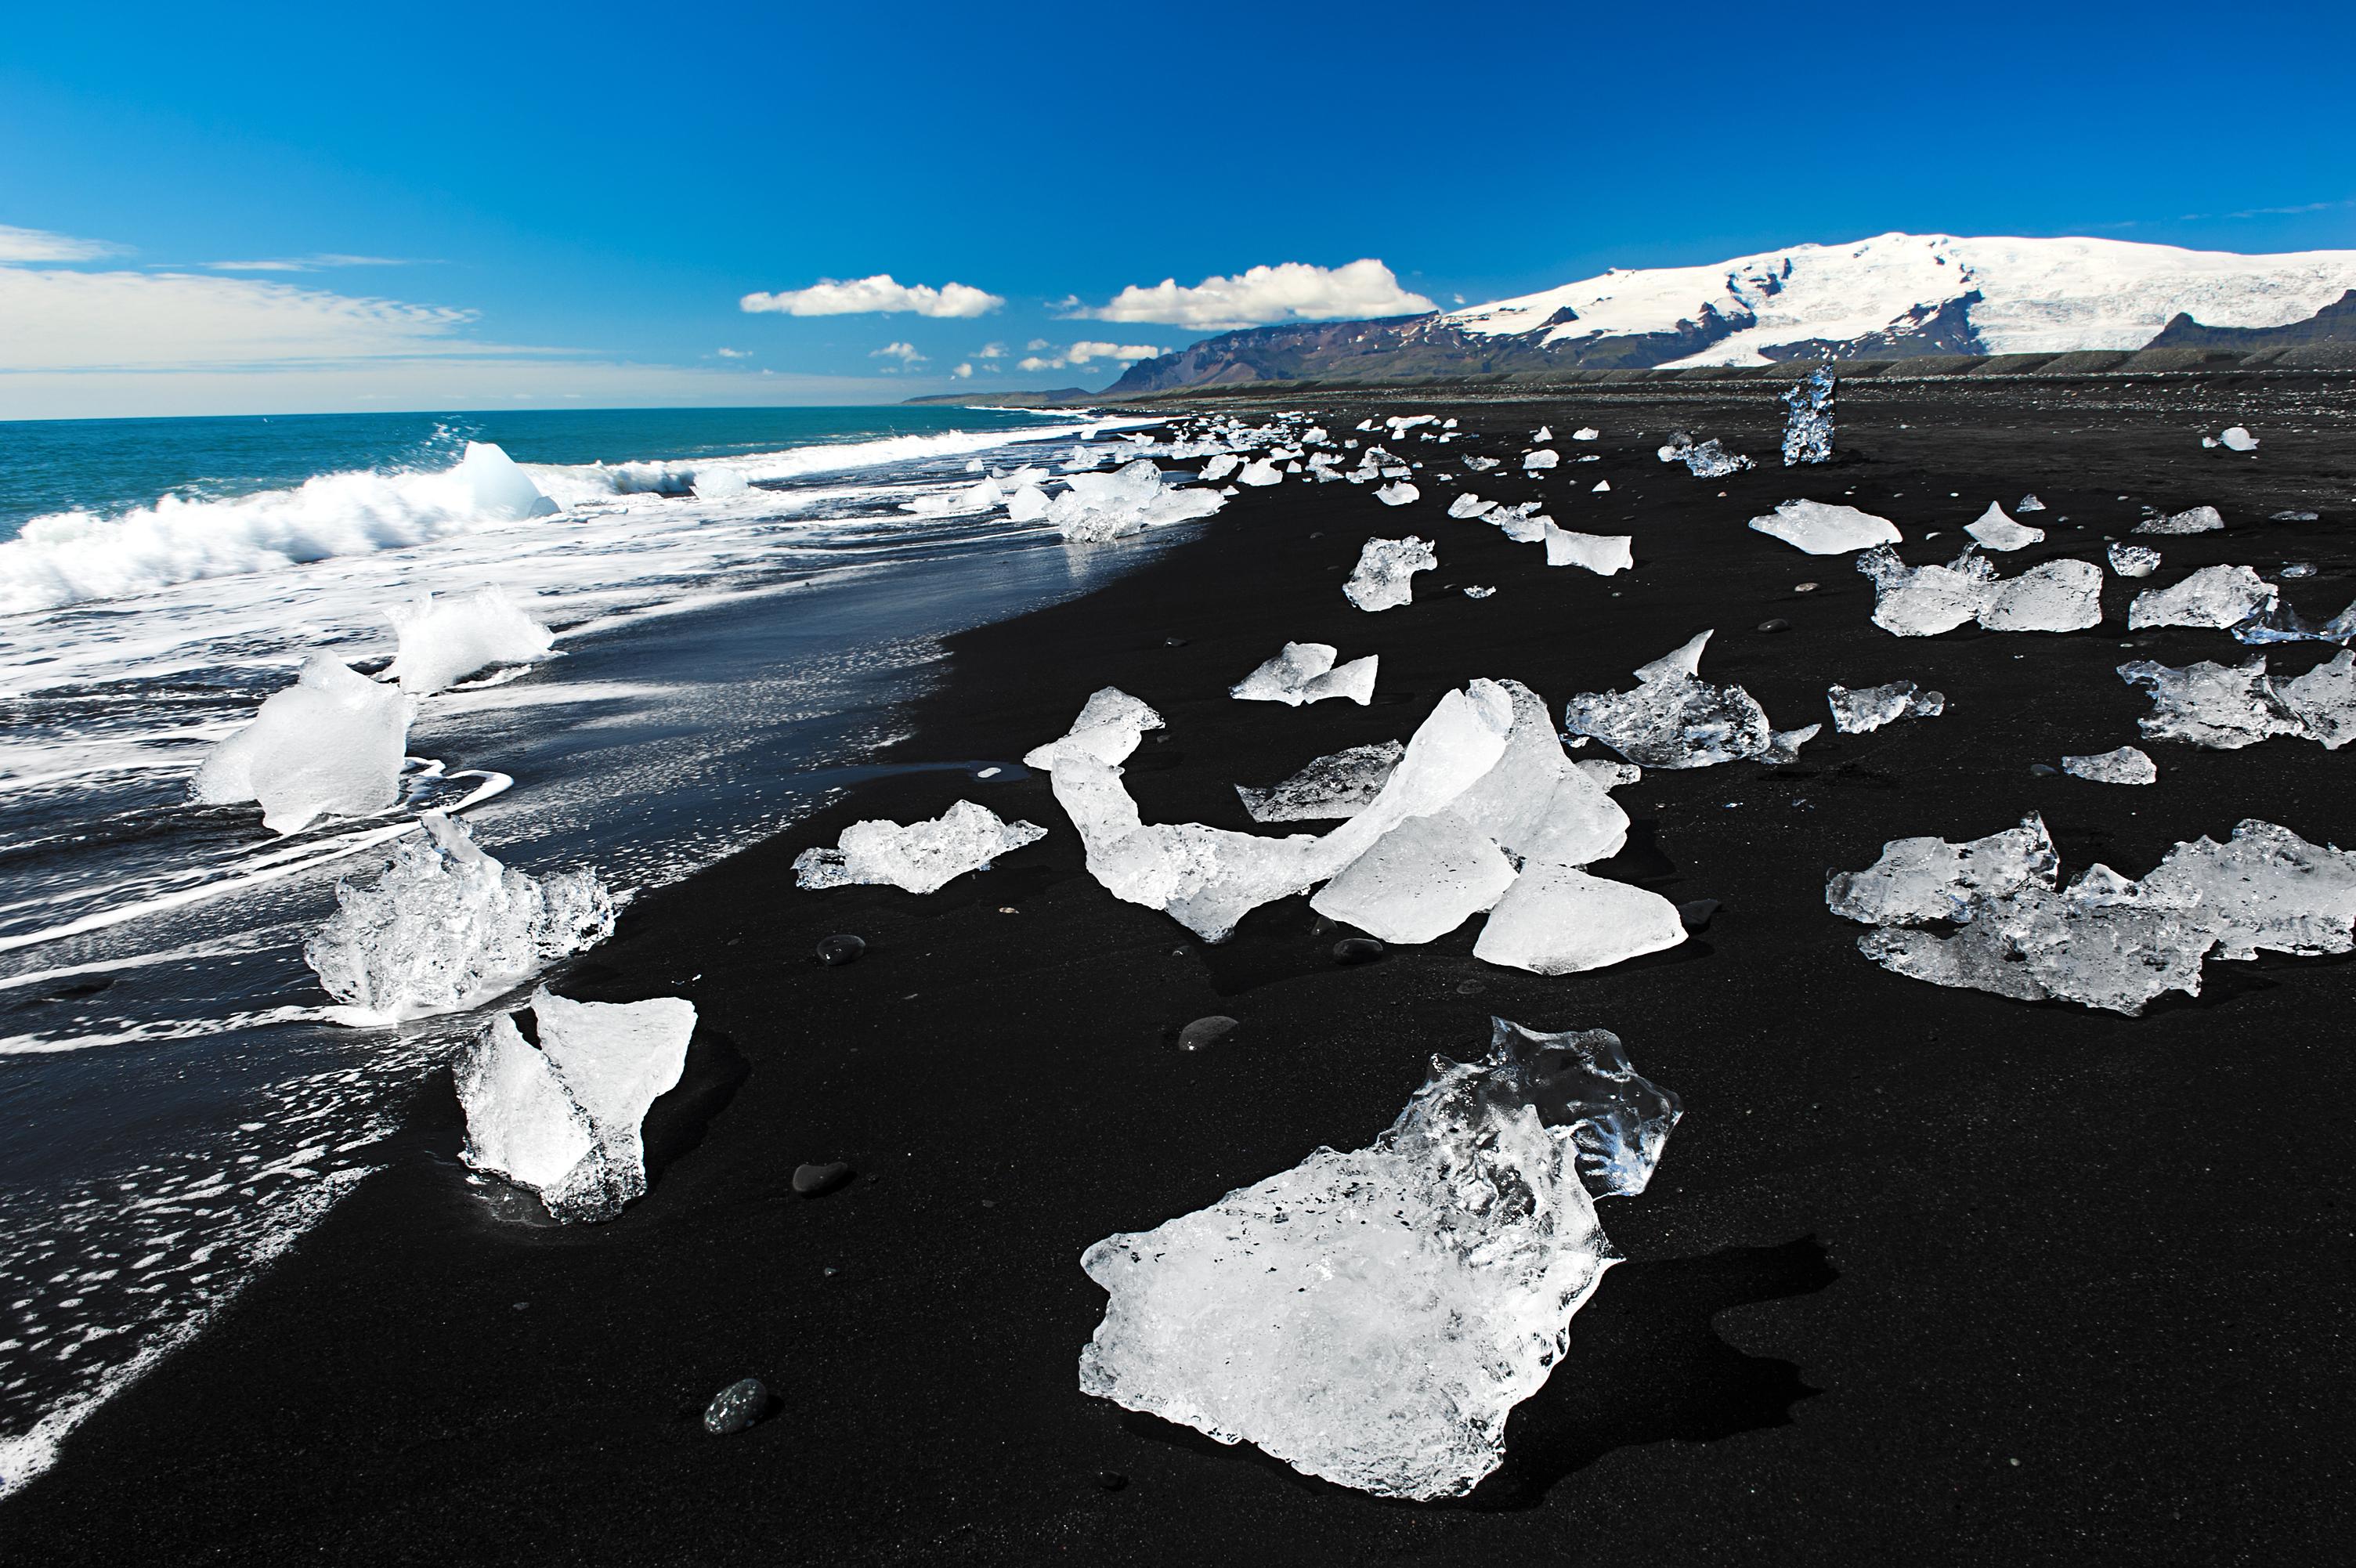 Hvide isbjerge står i stærk kontrast til sort sand på det vidunder, der kaldes Diamantstranden, på sydkysten af Island.